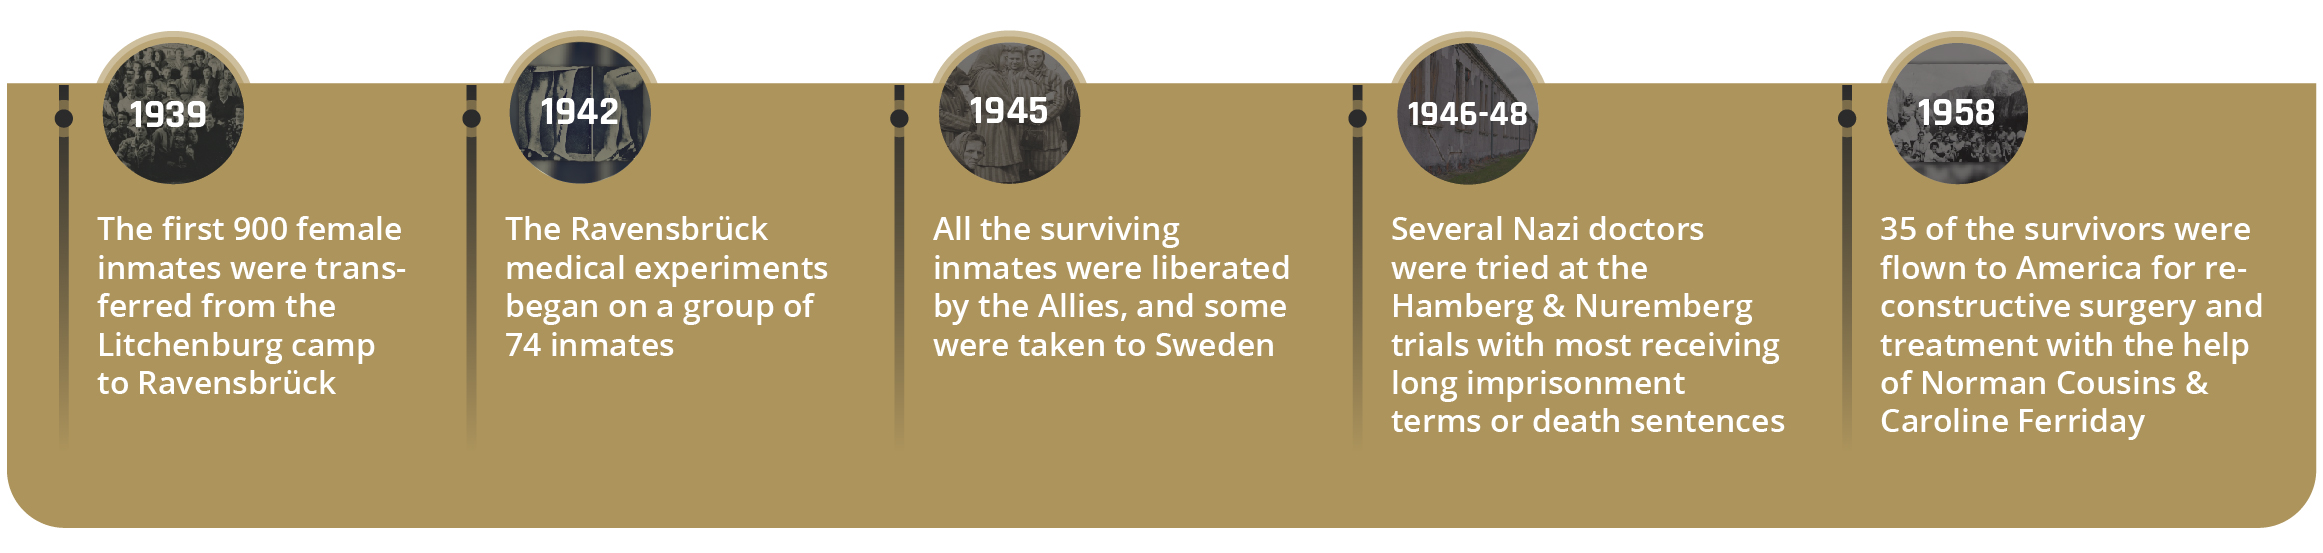 Ravensbrück Concentration Camp Timeline